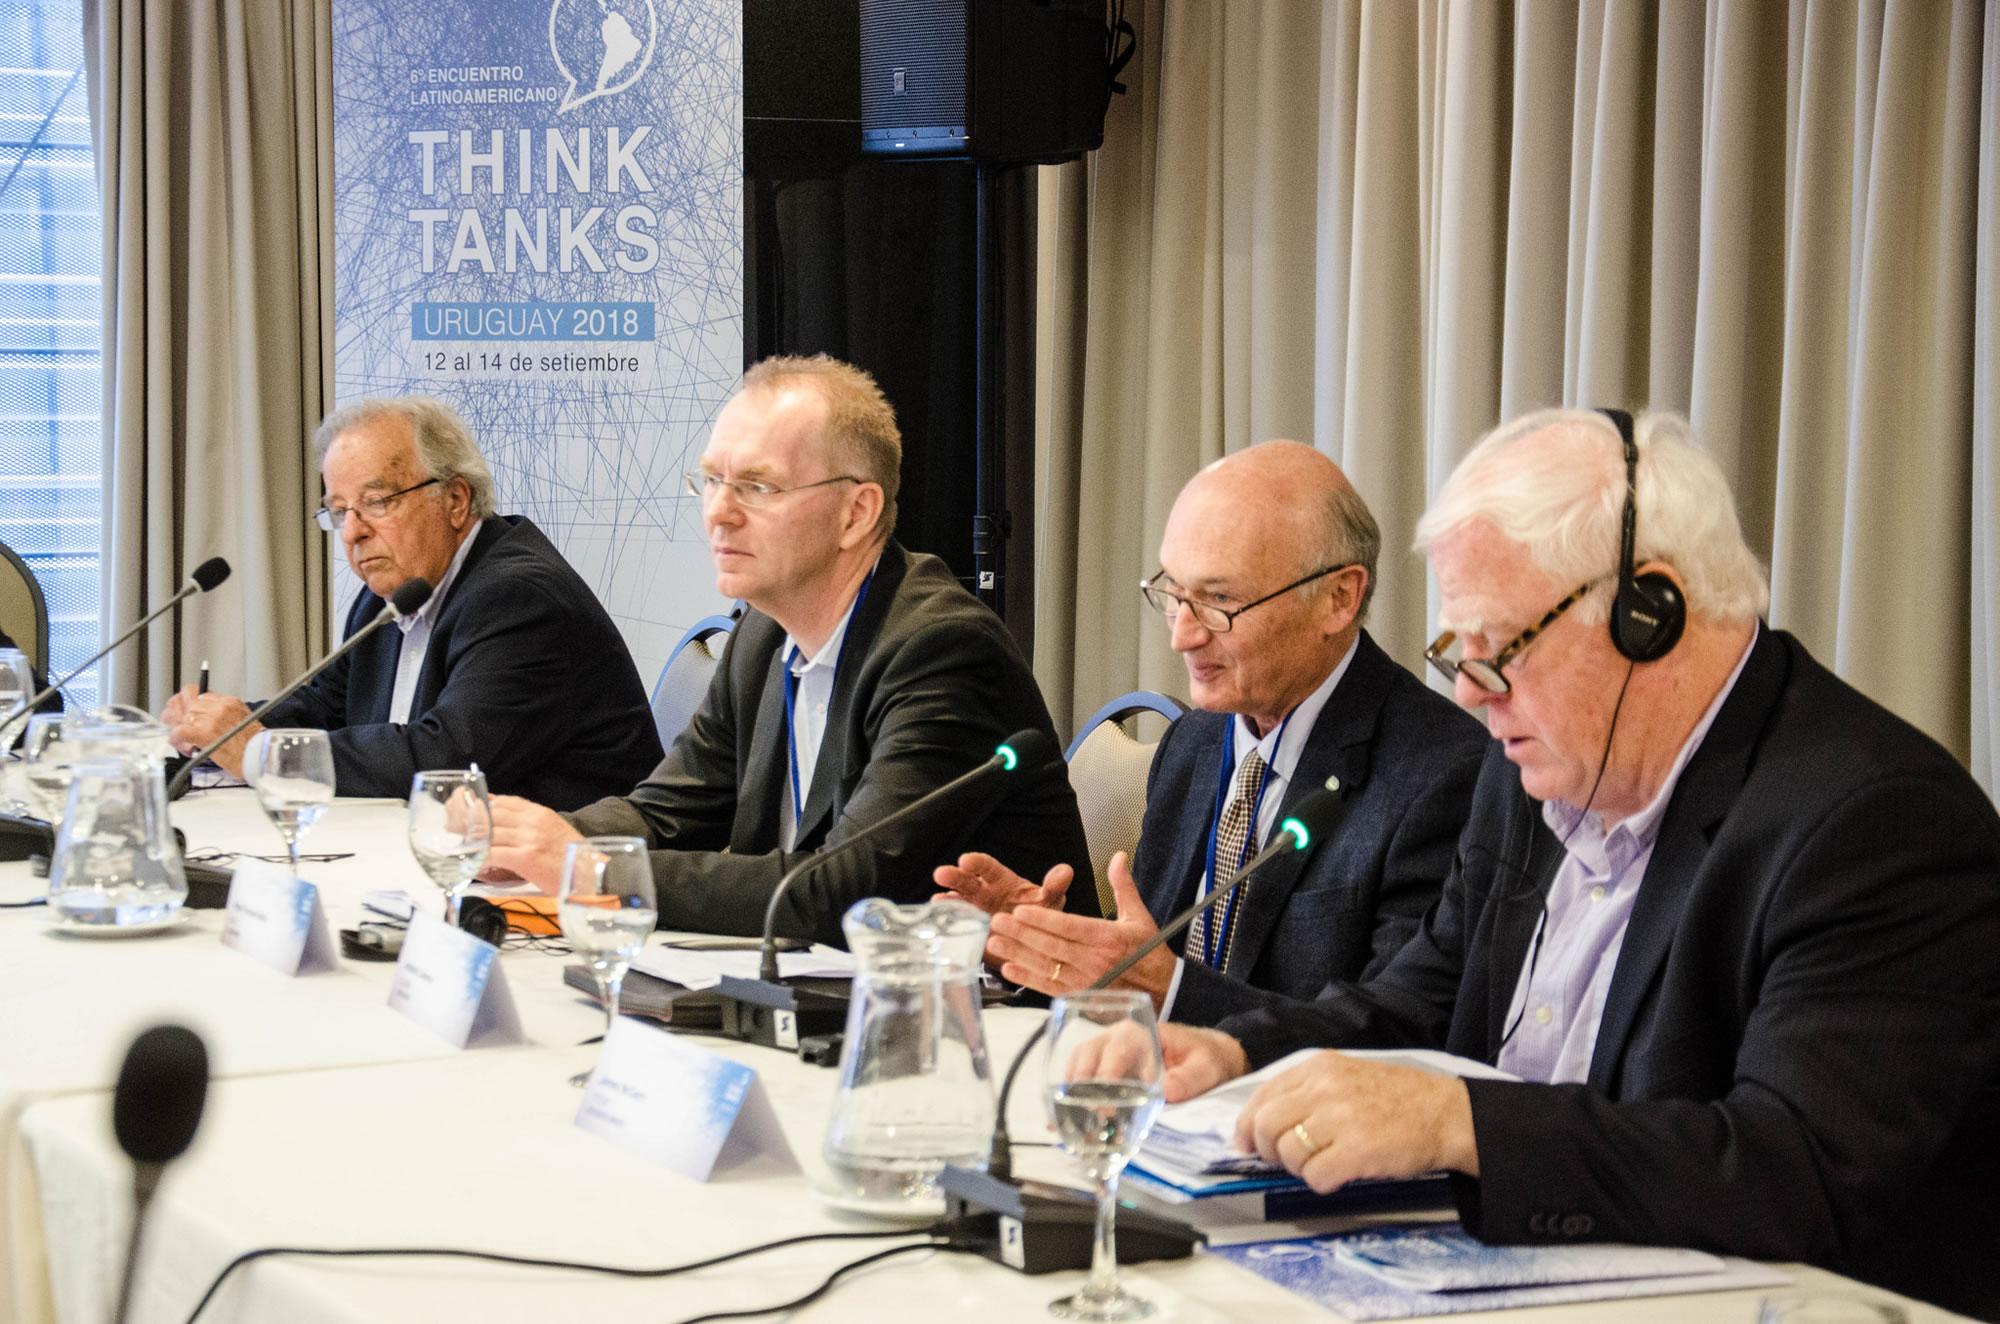 CADAL en el 6º Encuentro Latinoamericano de Think Tanks en Uruguay